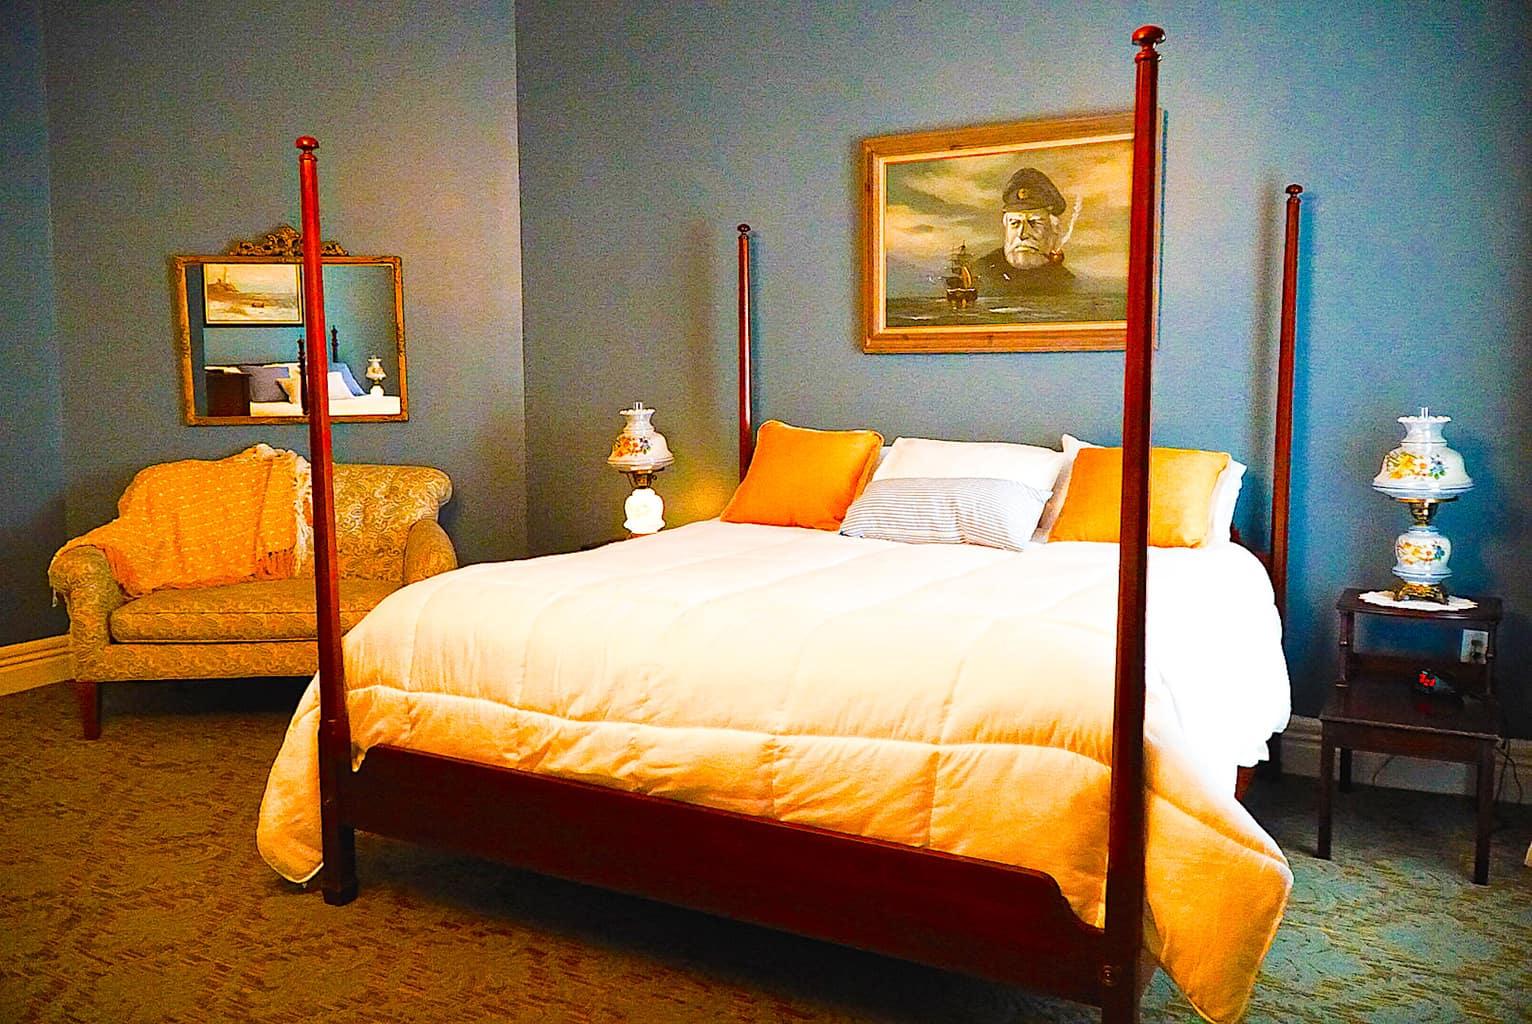 Room inside the Broadalbin Hotel near Saratoga Springs